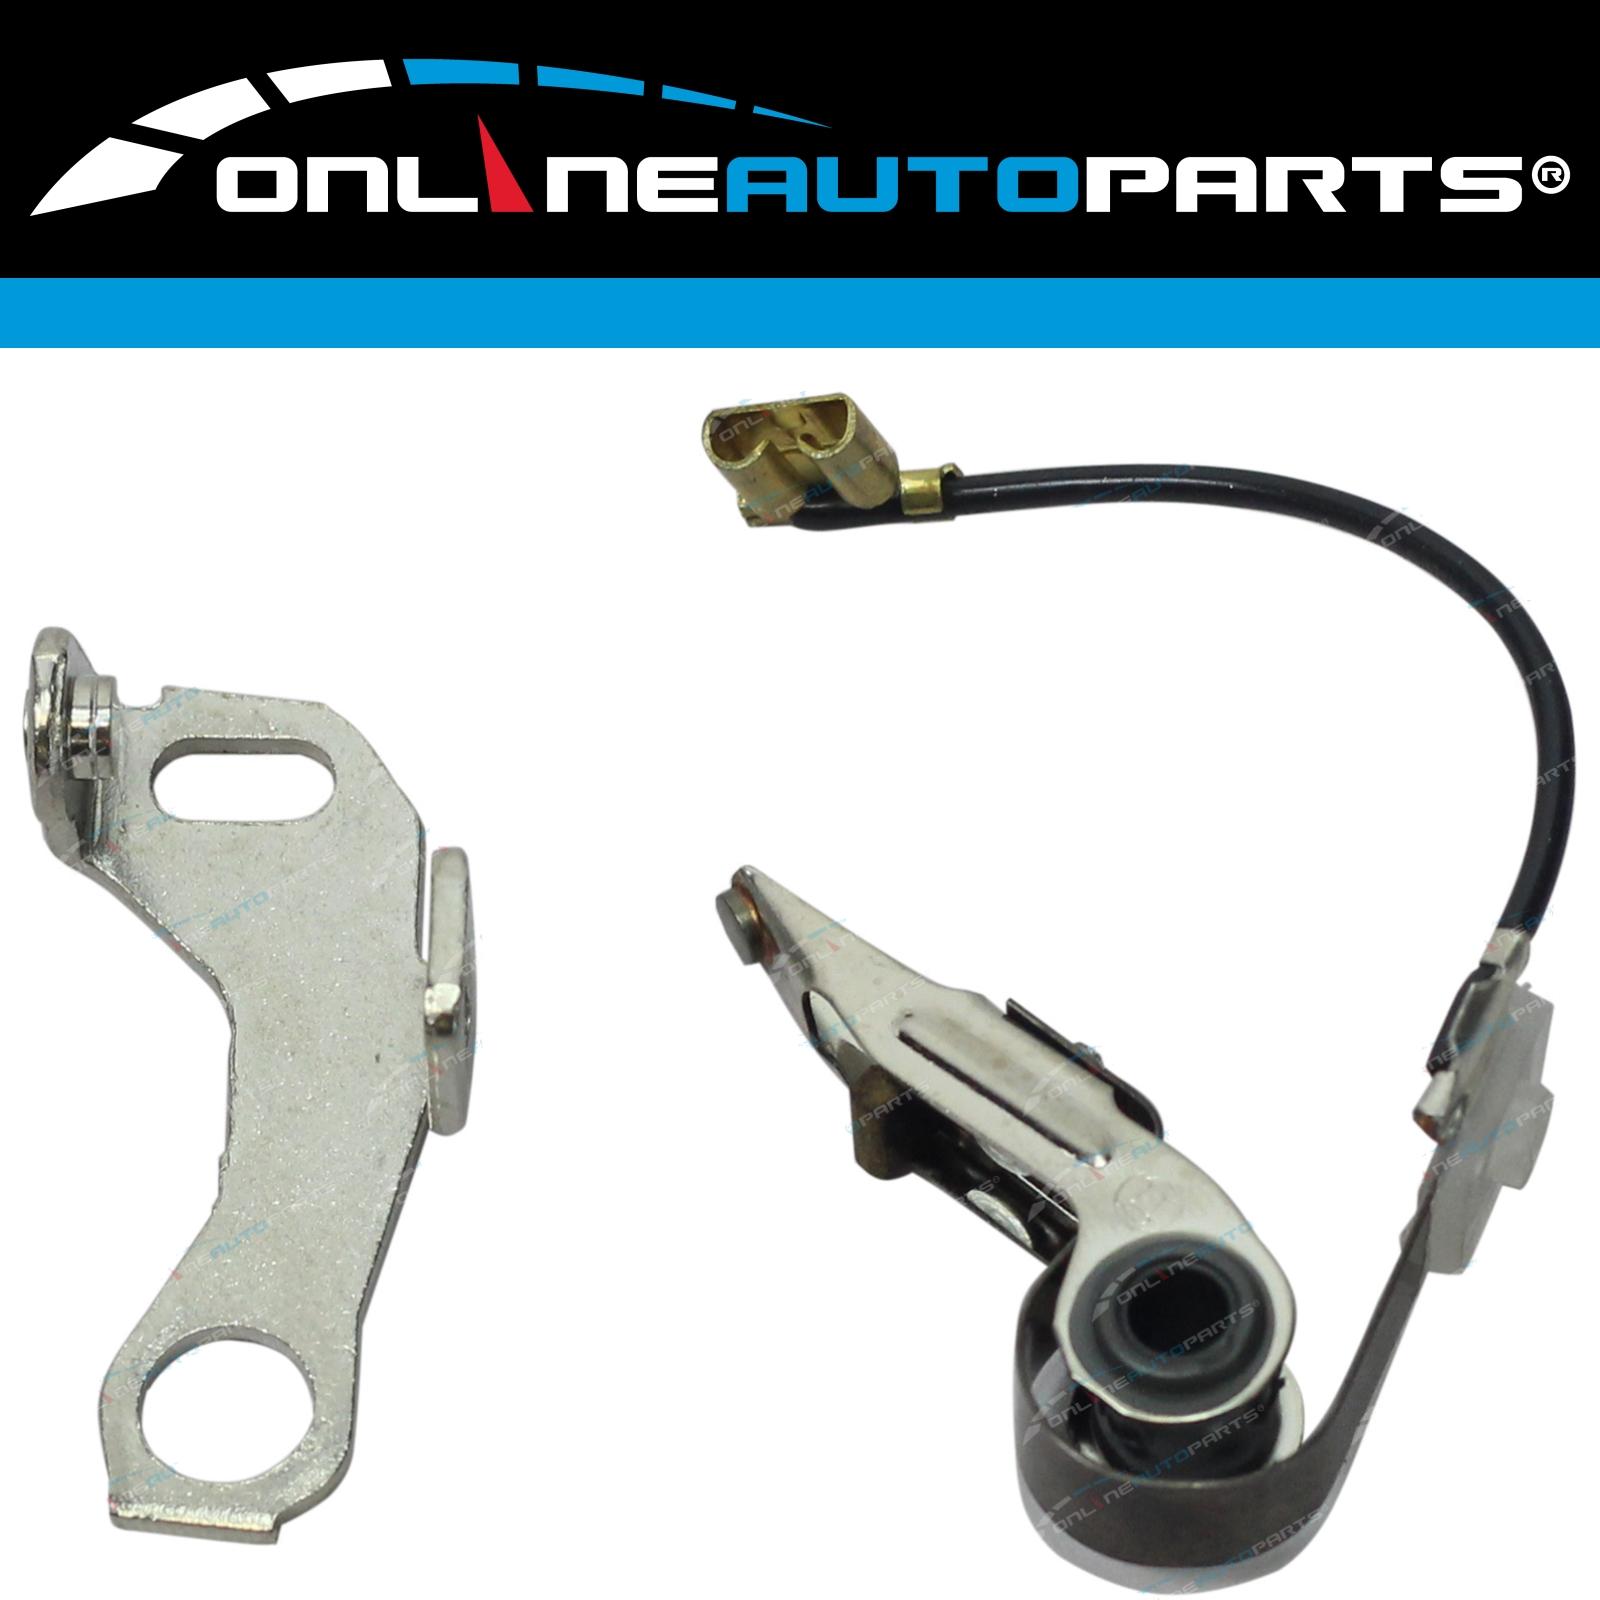 Bosch-Ignition-Contact-Points-Set-Chrysler-Valiant-AP6-VC-VE-VF-6cyl-3-7L-65-70